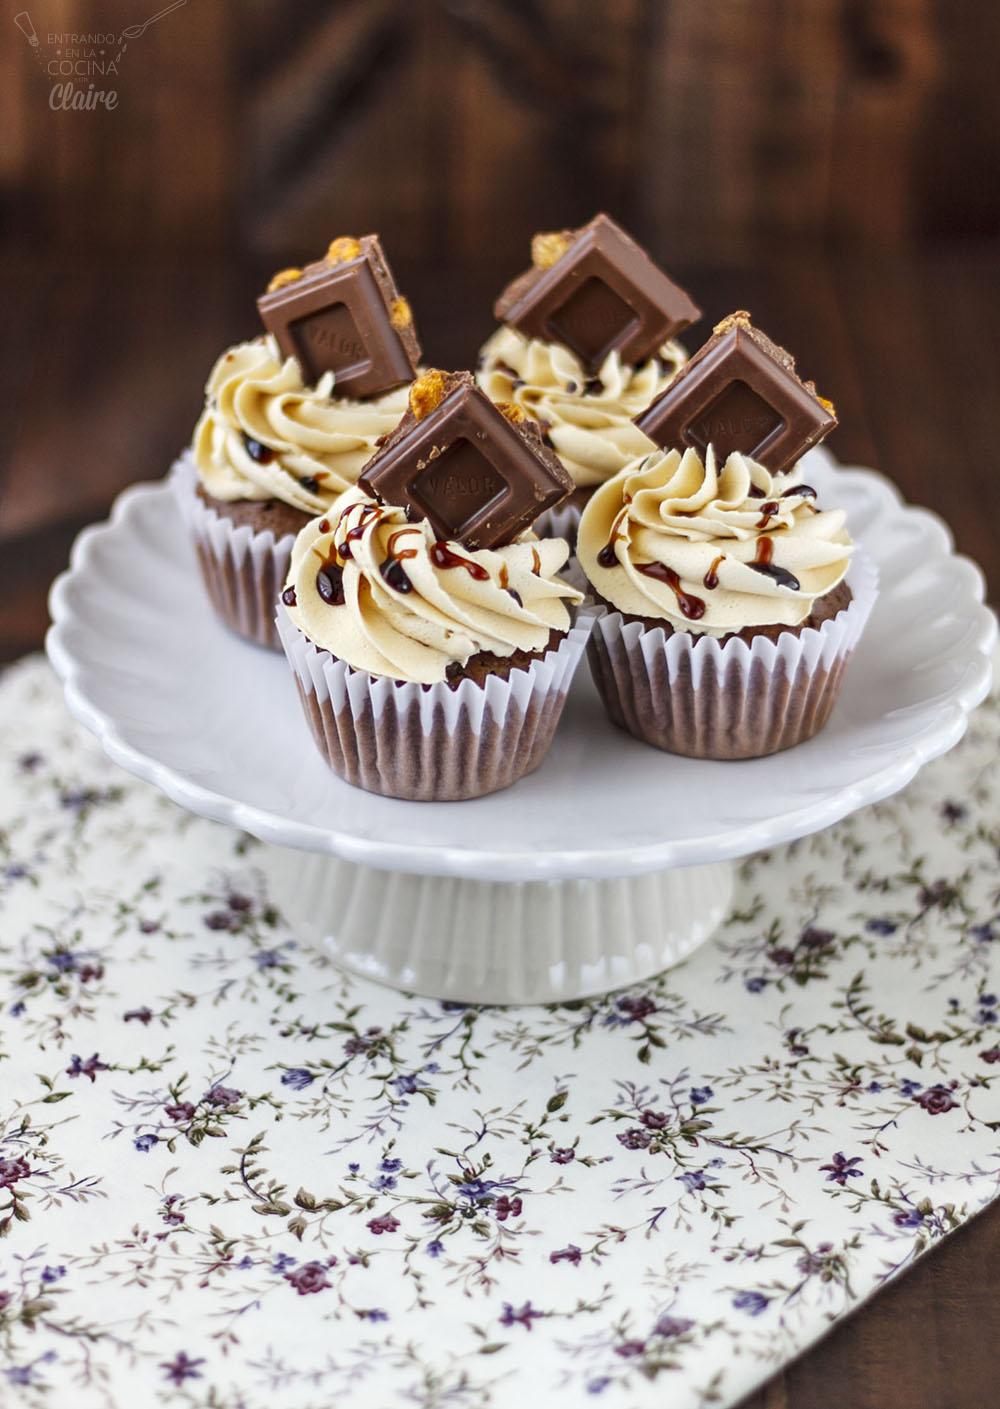 Cupcakes de Chocolate con Kikos 01